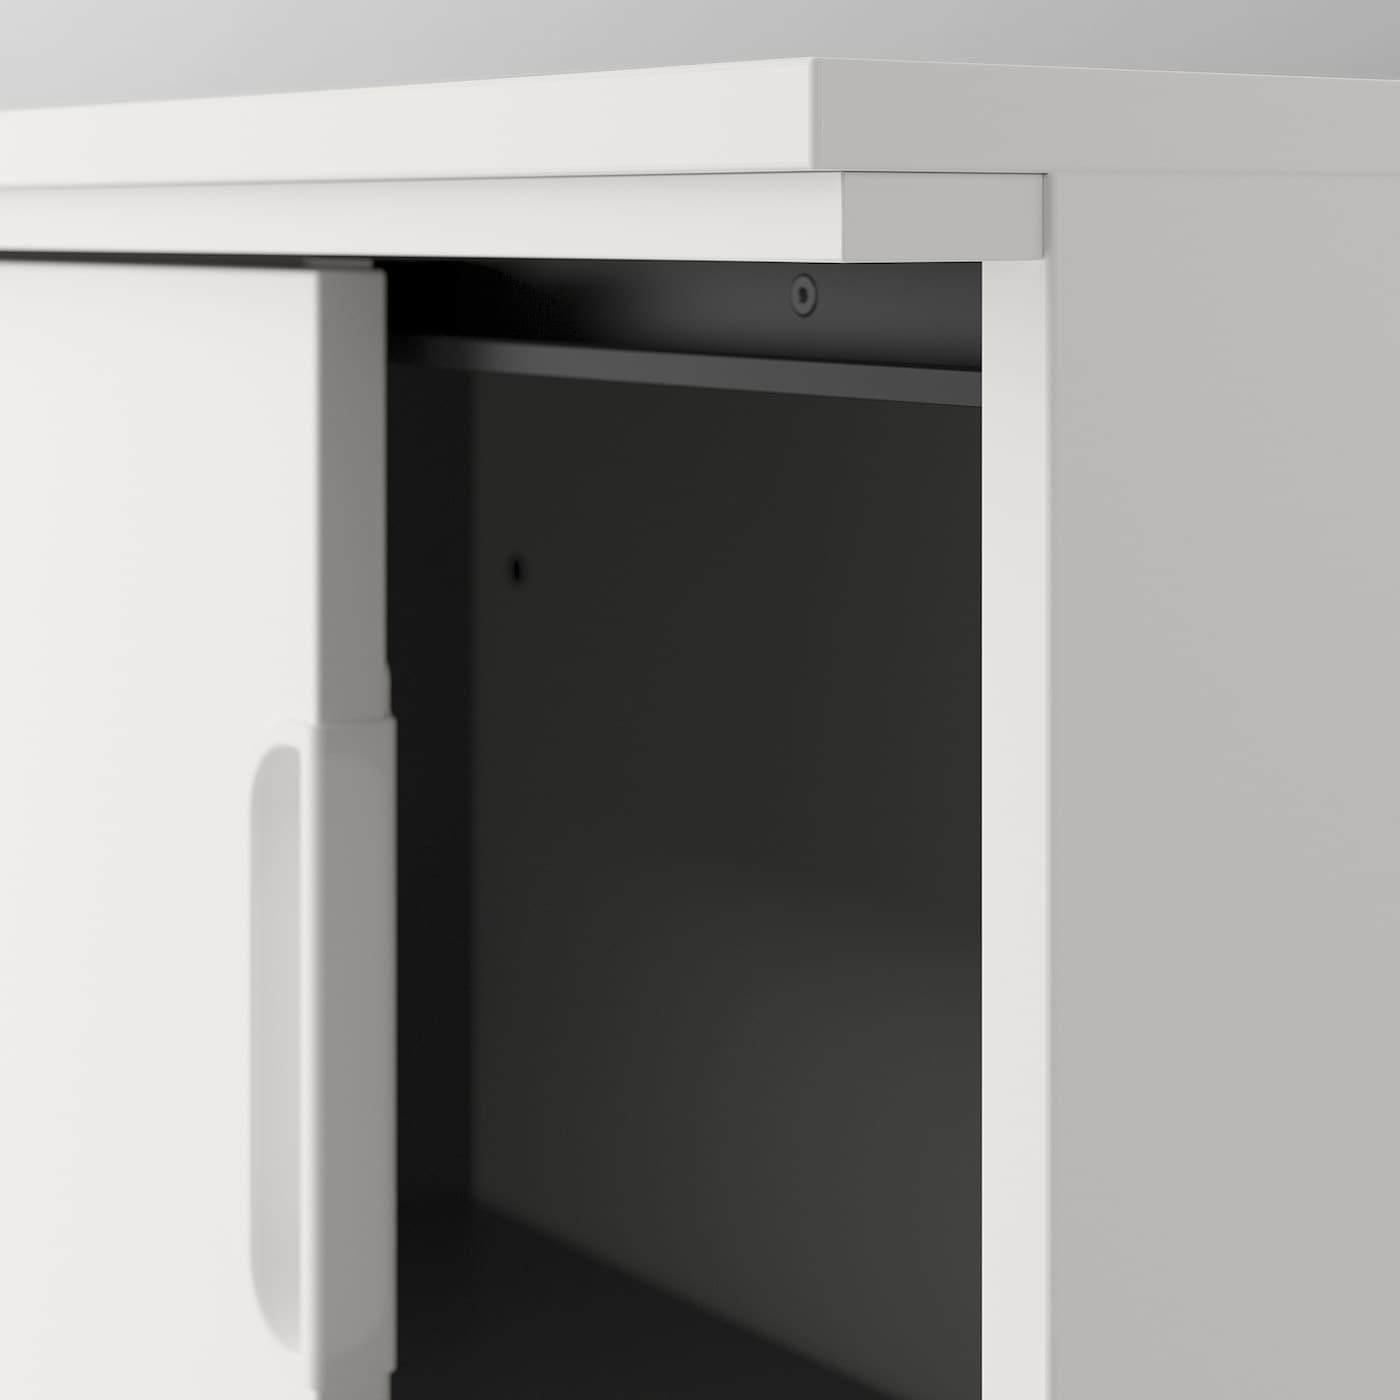 GALANT Nadstawka, okleina dębowa bejcowana na biało, 160x80